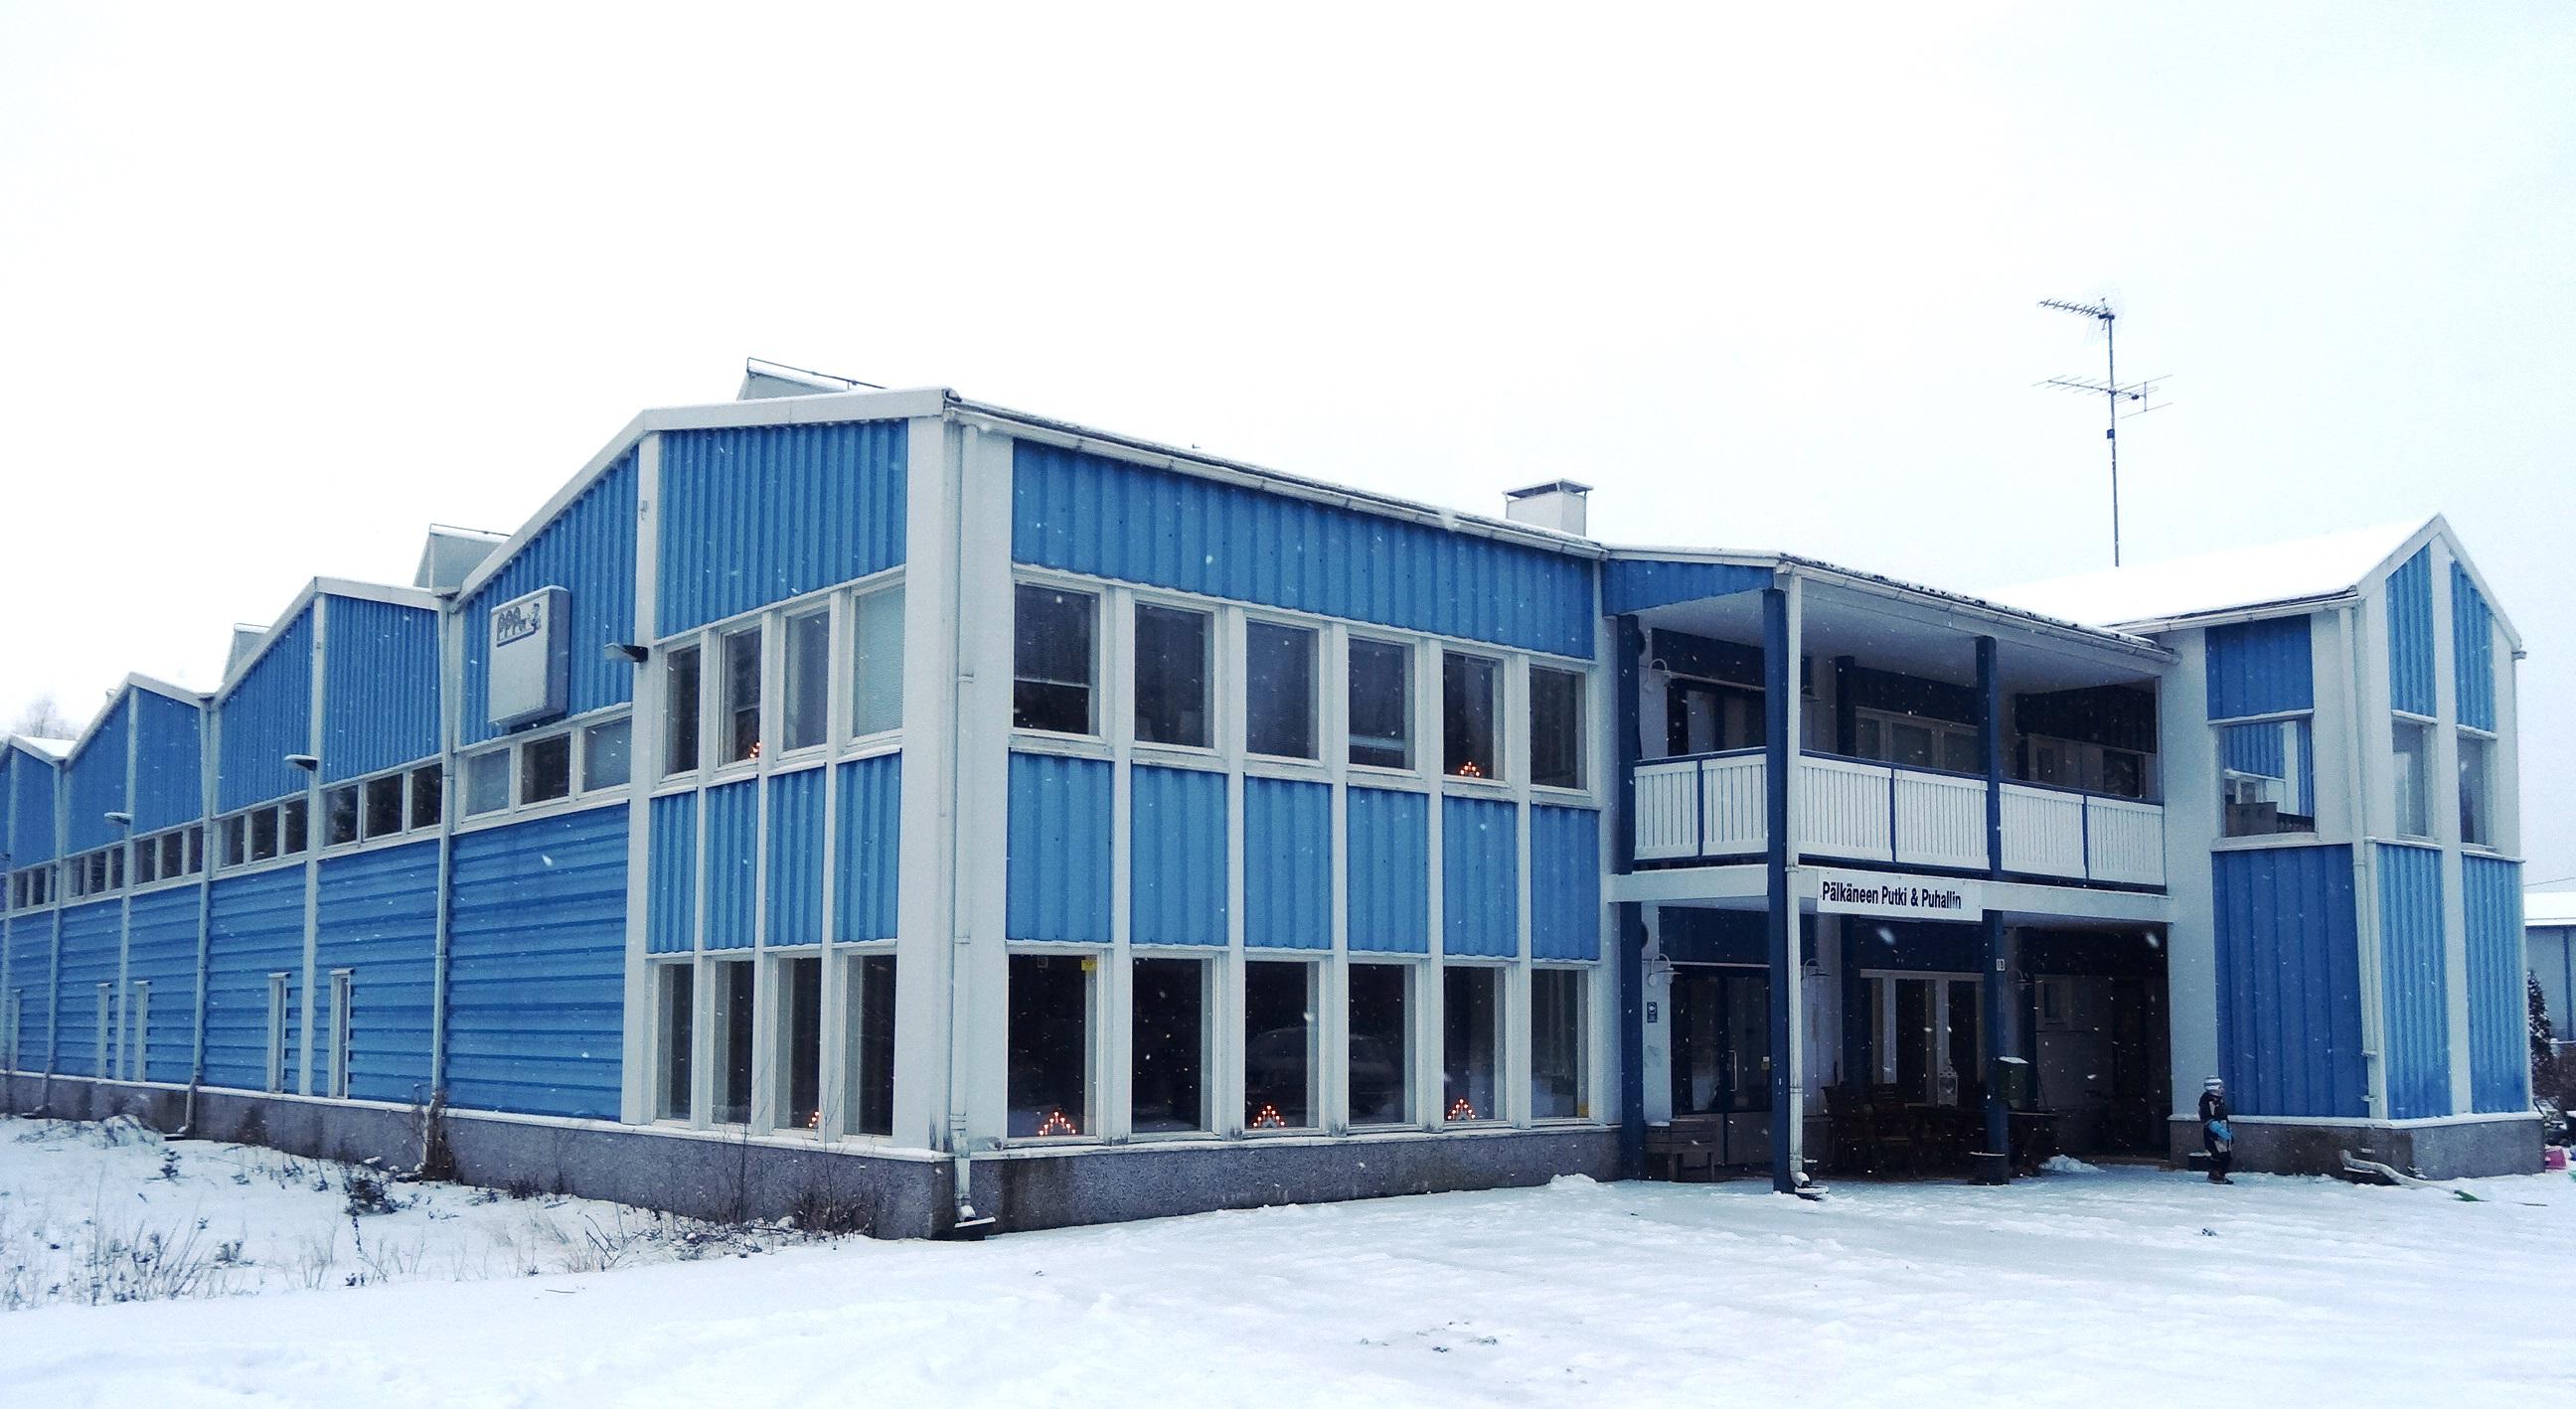 Yrittäjäntie 18, Kankaanmaan teollisuusalue, Pälkäne